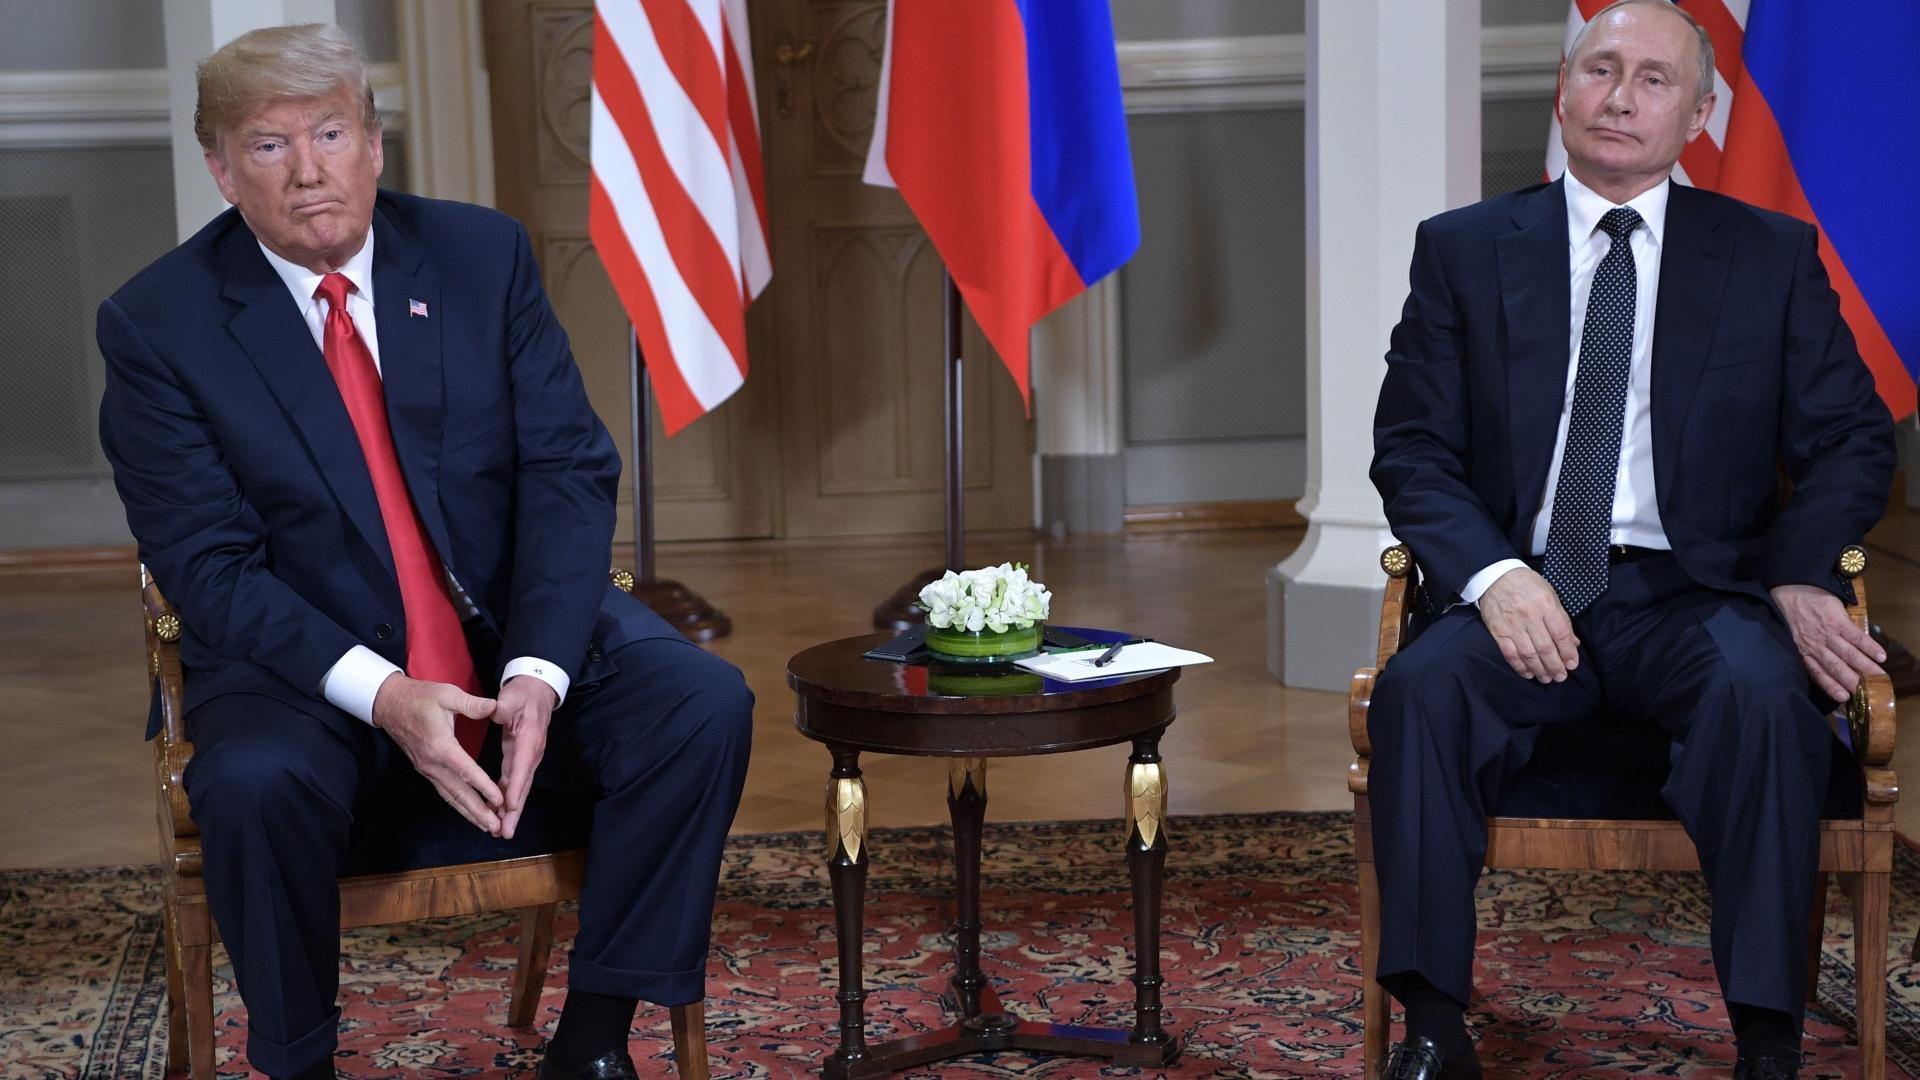 بوتين يوقع قرار تعليق مشاركة روسيا في معاهدة عدم انتشار الأسلحة